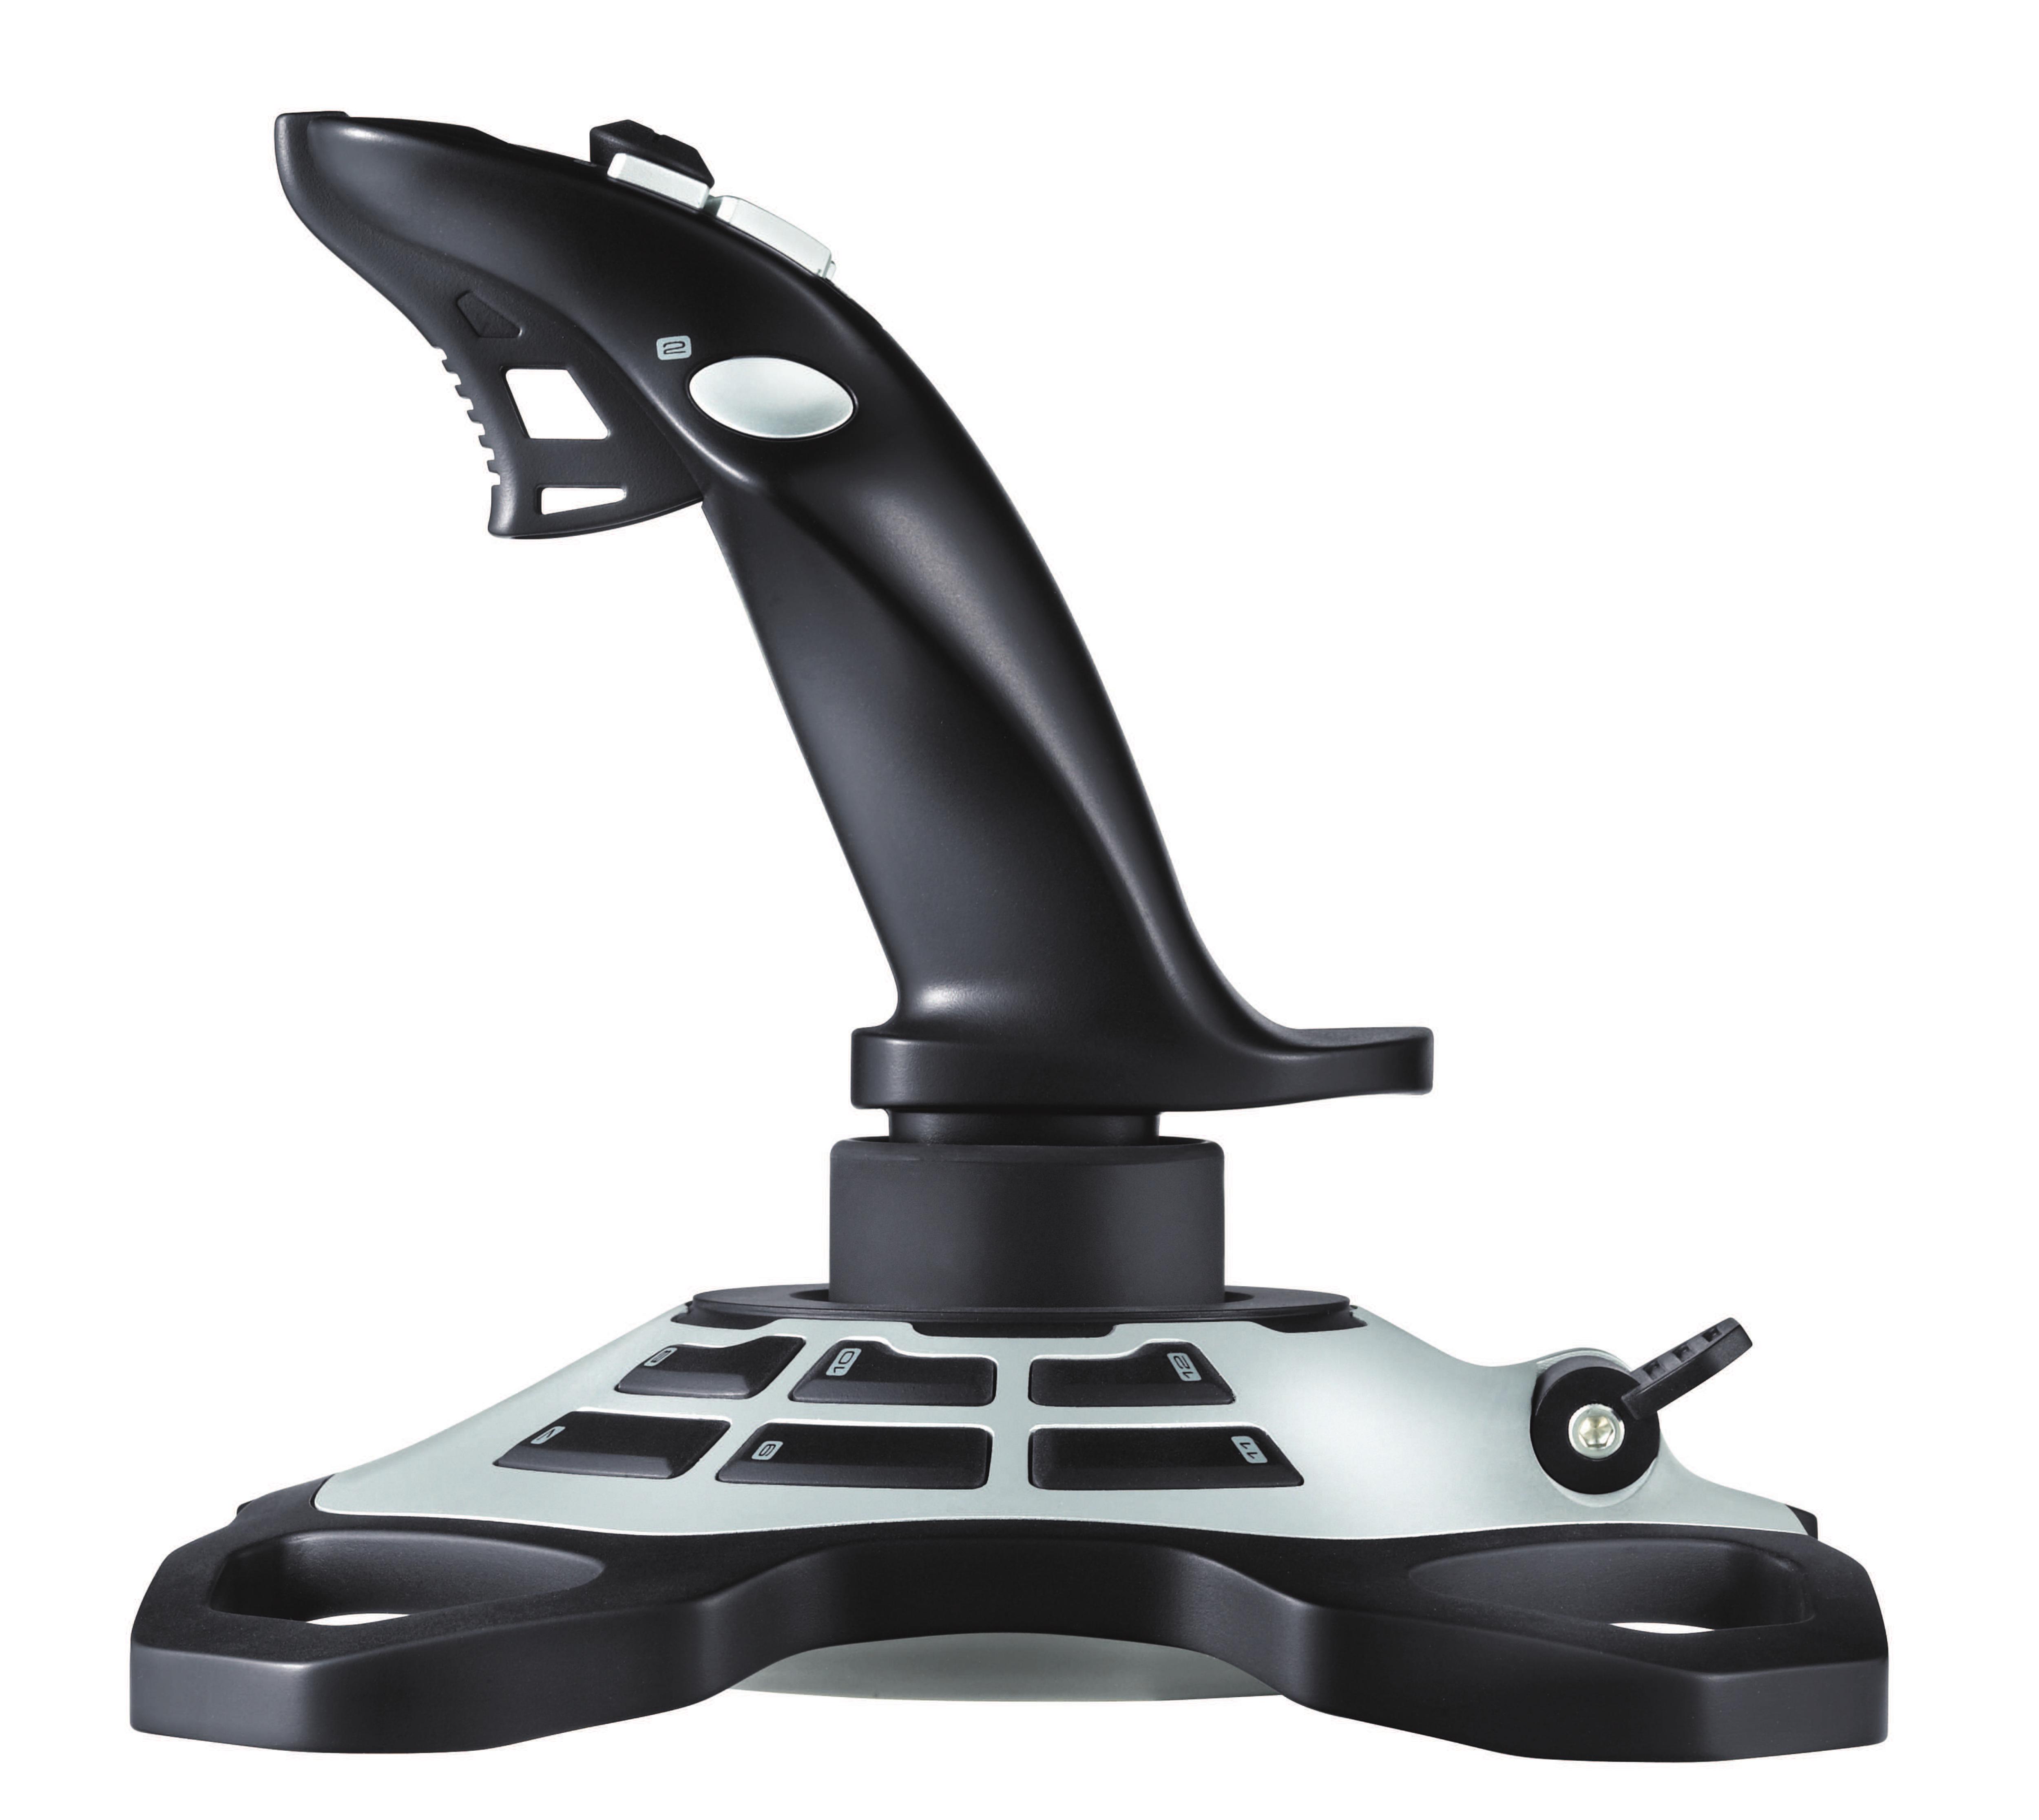 Extreme 3D Pro USB Joystick